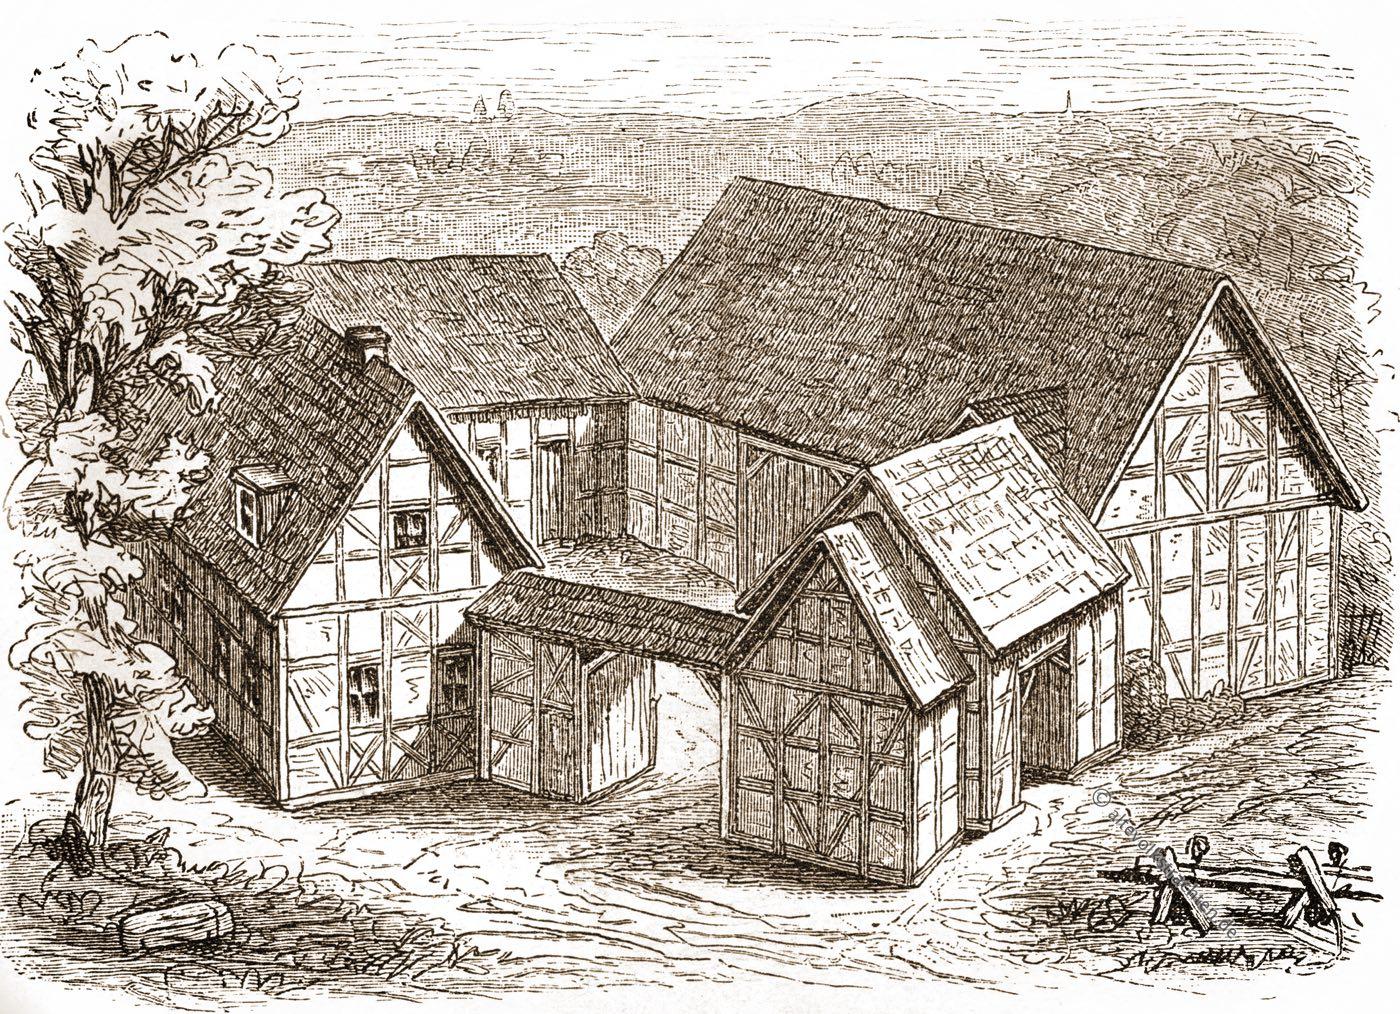 Bauernhof, Architektur, Thüringen, Franken, Kupferstich, Meyers, Konversations-Lexikon